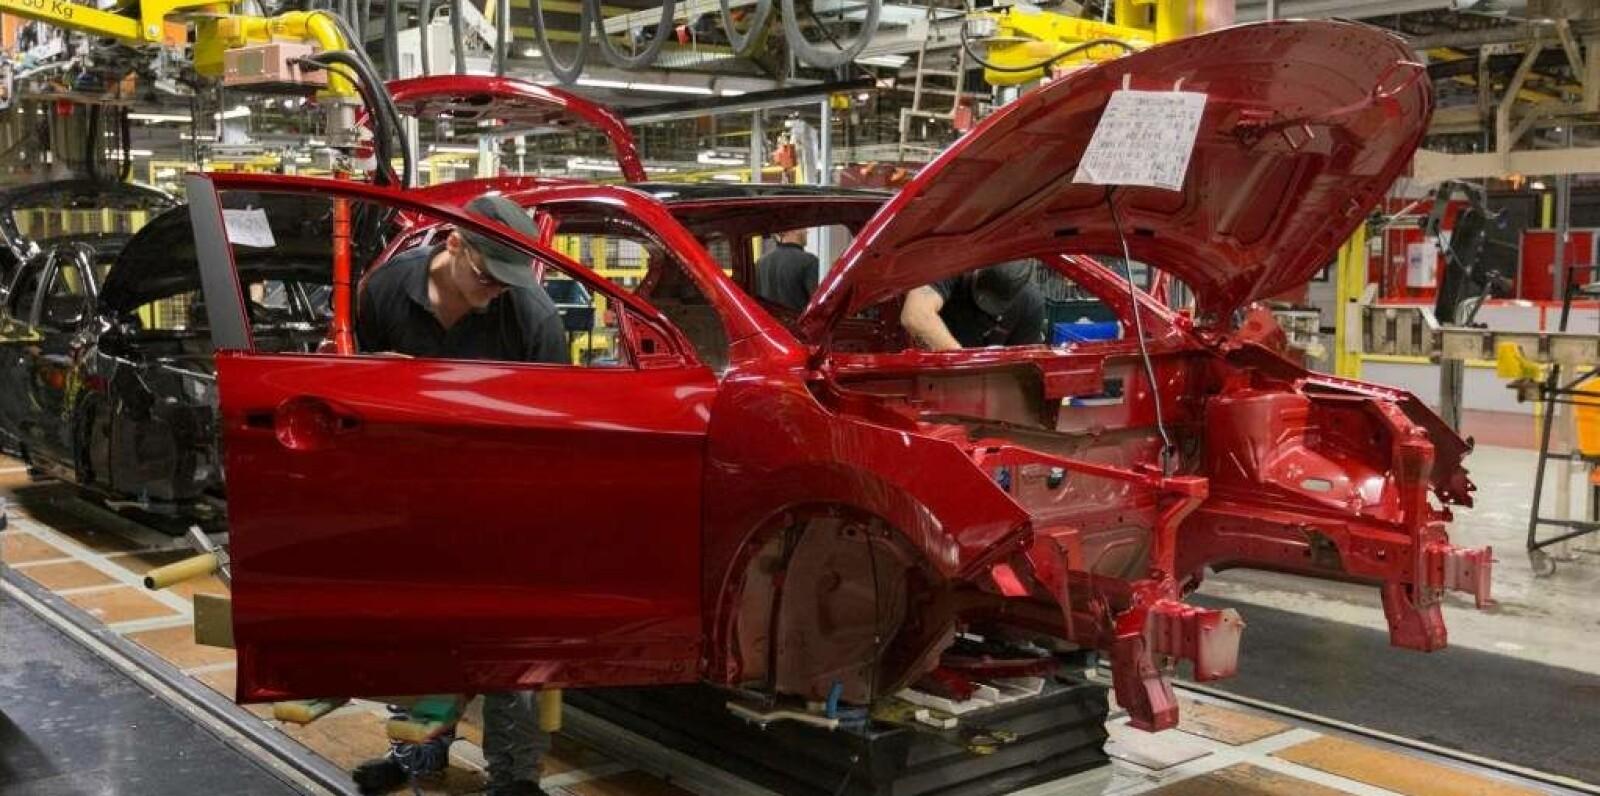 <b>FEILKILDER: </b>Moderne biler får stadig flere avanserte komponenter og systemer - og dermed også flere mulige feilkilder. Og når noe skjer, blir det lett dyrt.